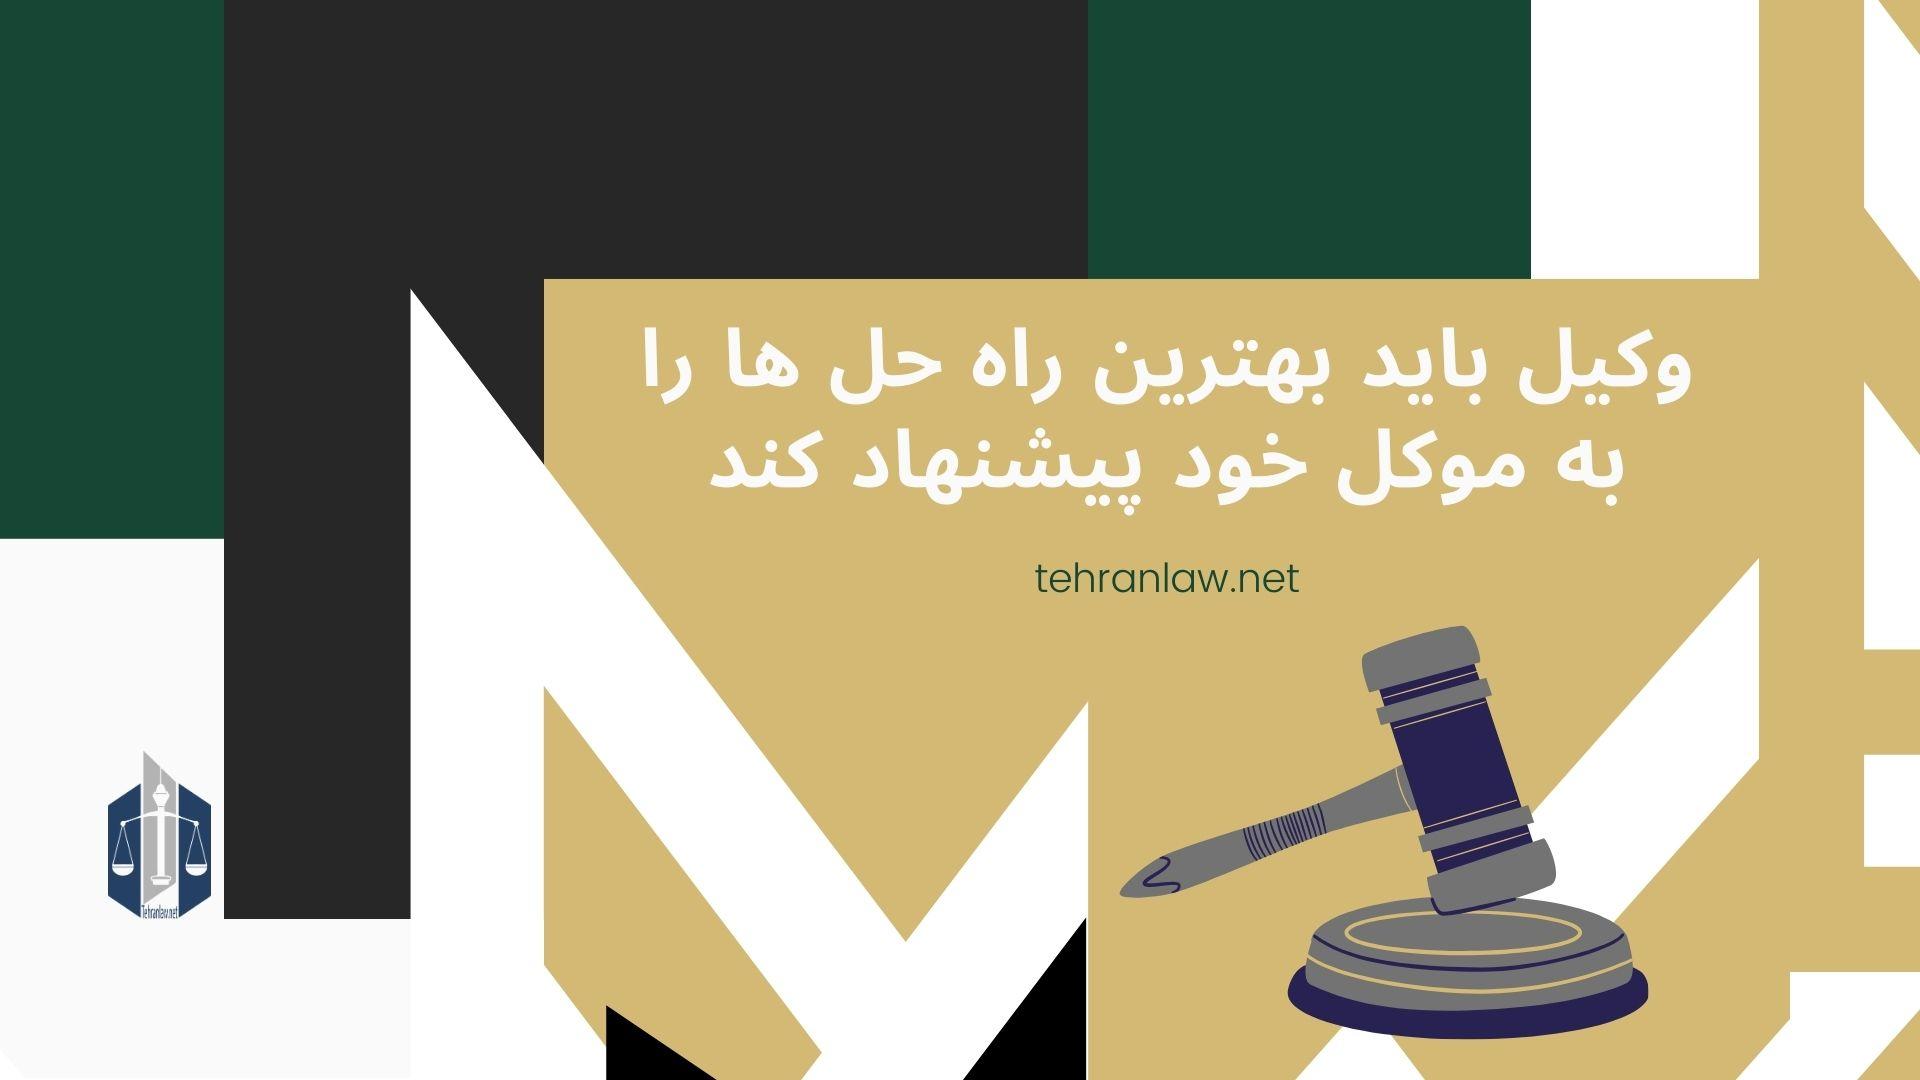 وکیل باید بهترین راه حل ها را به موکل خود پیشنهاد کند: